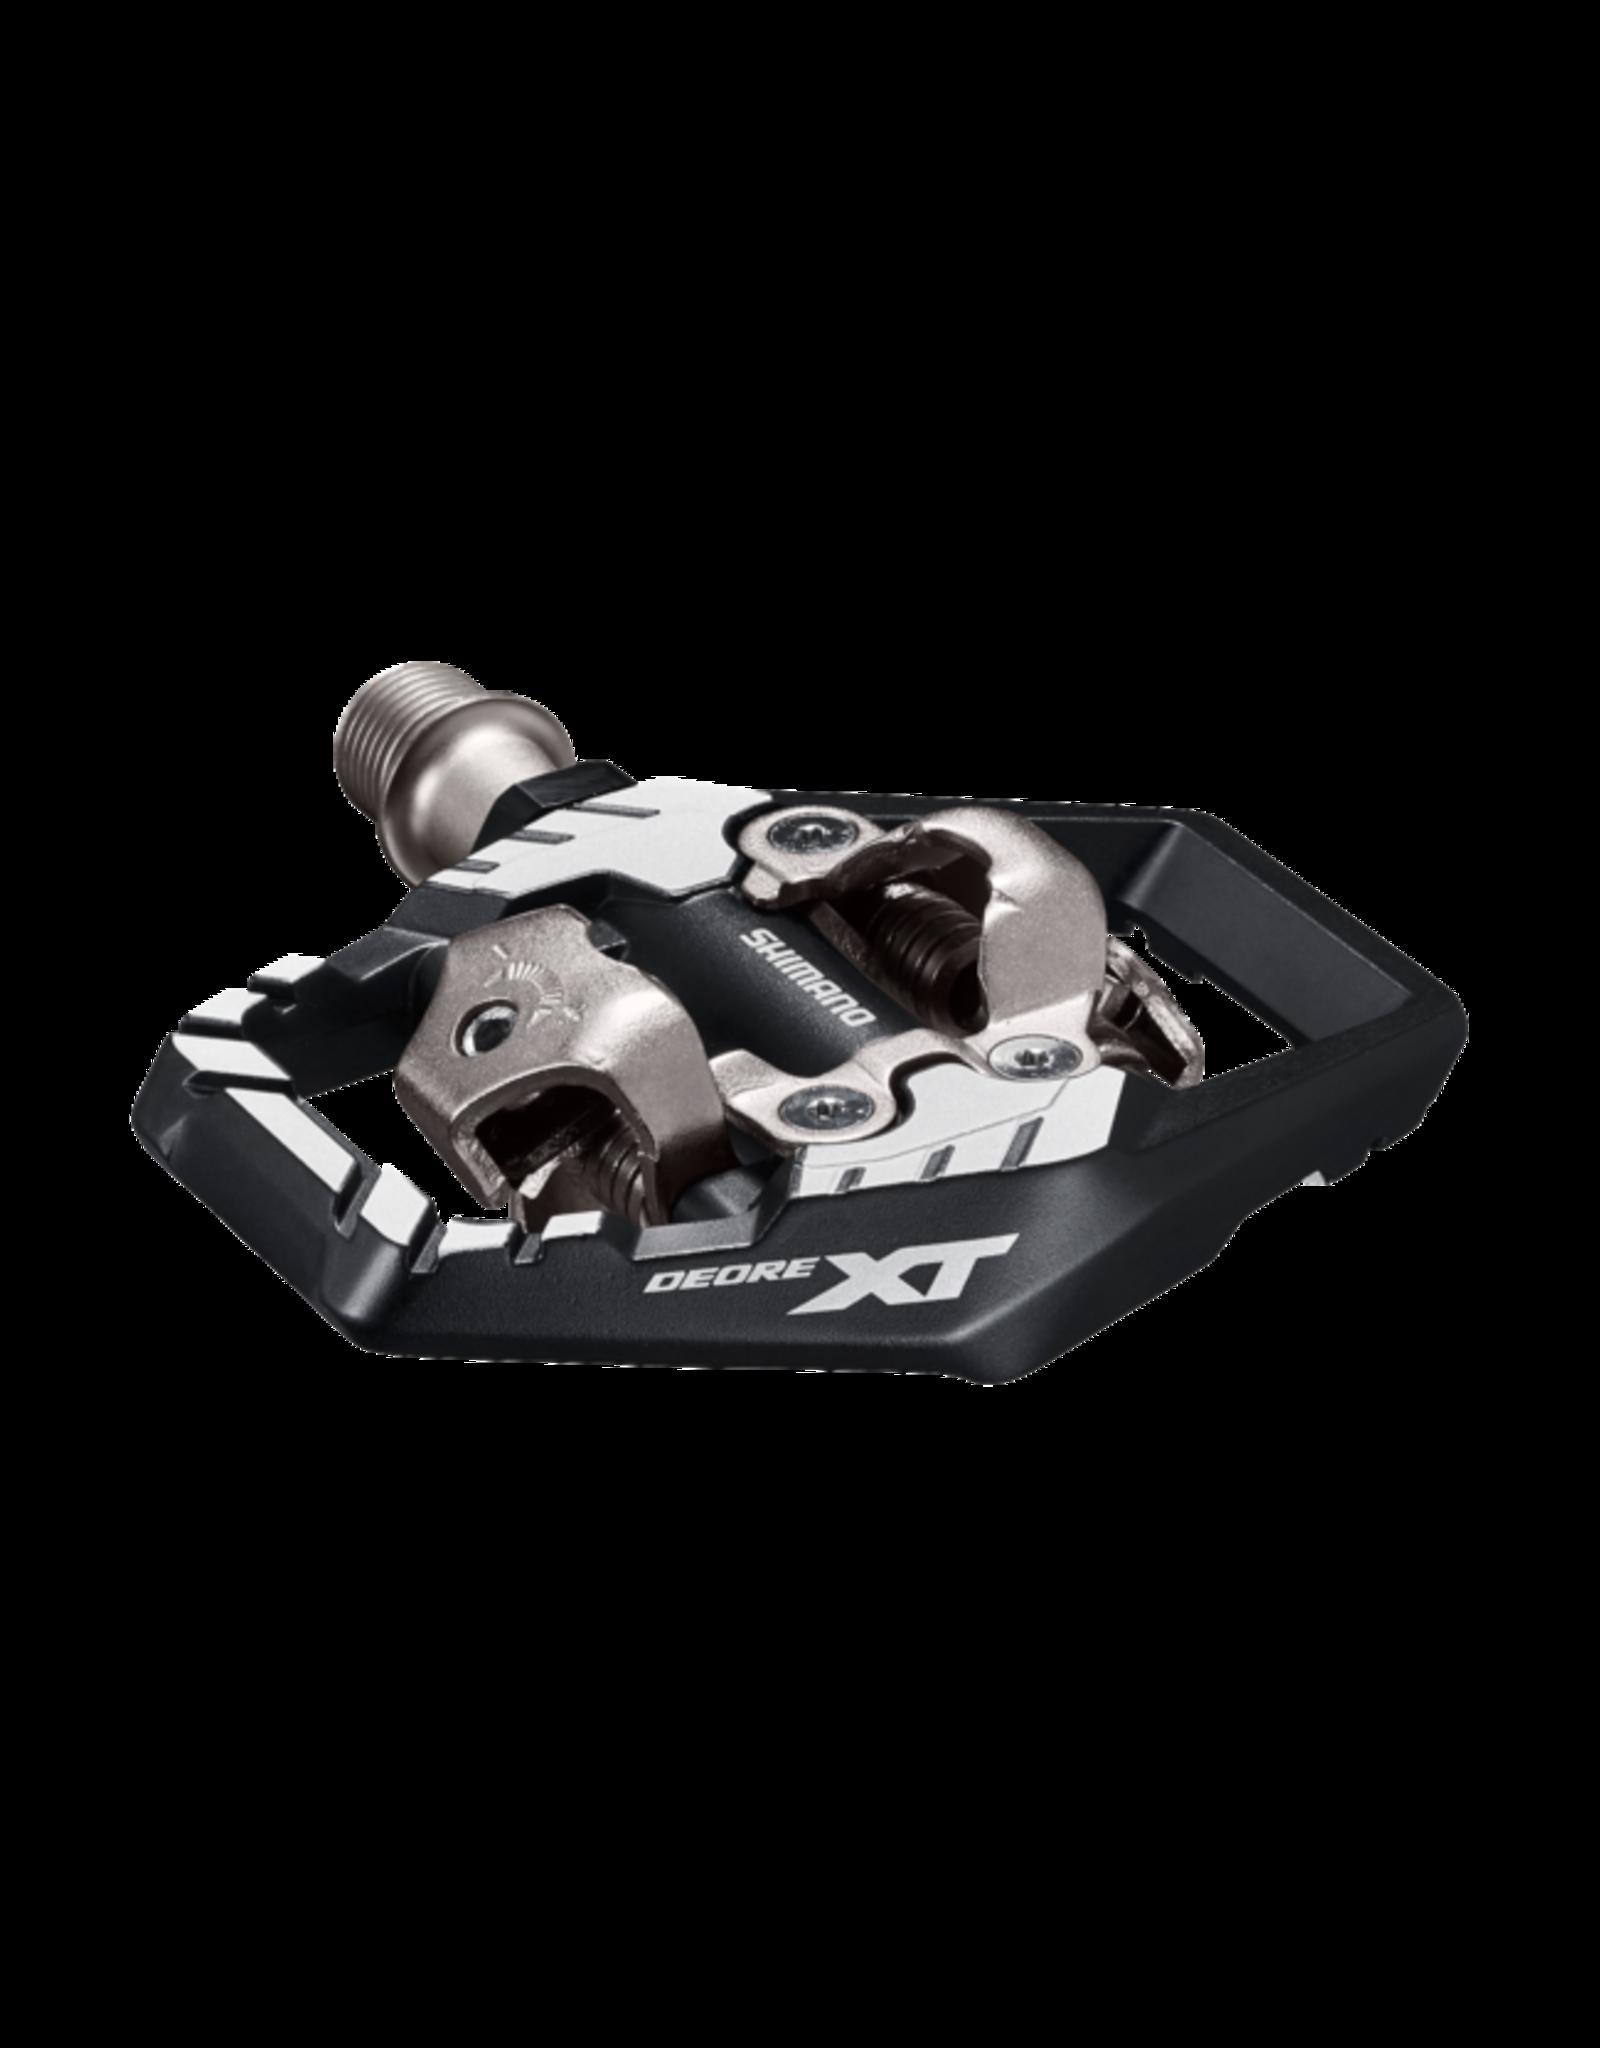 Shimano Pédales Shimano M8120 Deore XT